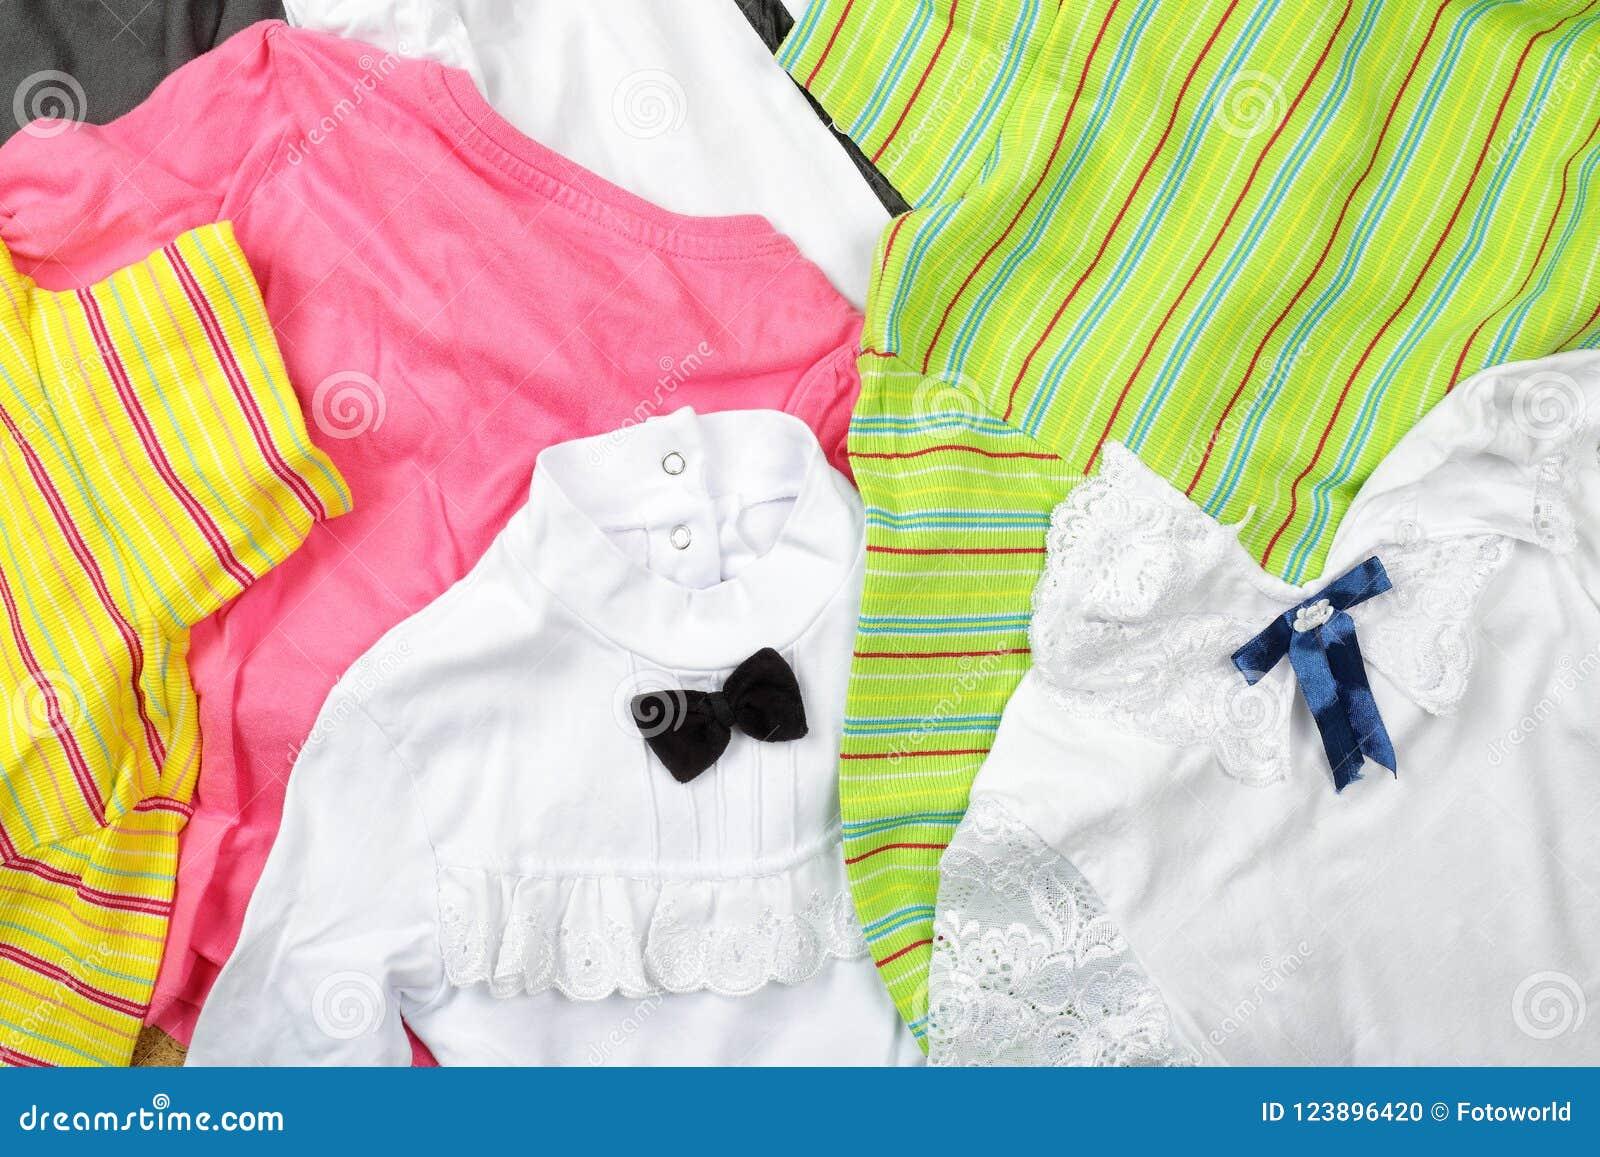 promotion meilleur fournisseur chaussures de tempérament Vêtements, Chaussures Et Accessoires - Enfants Colorés De ...